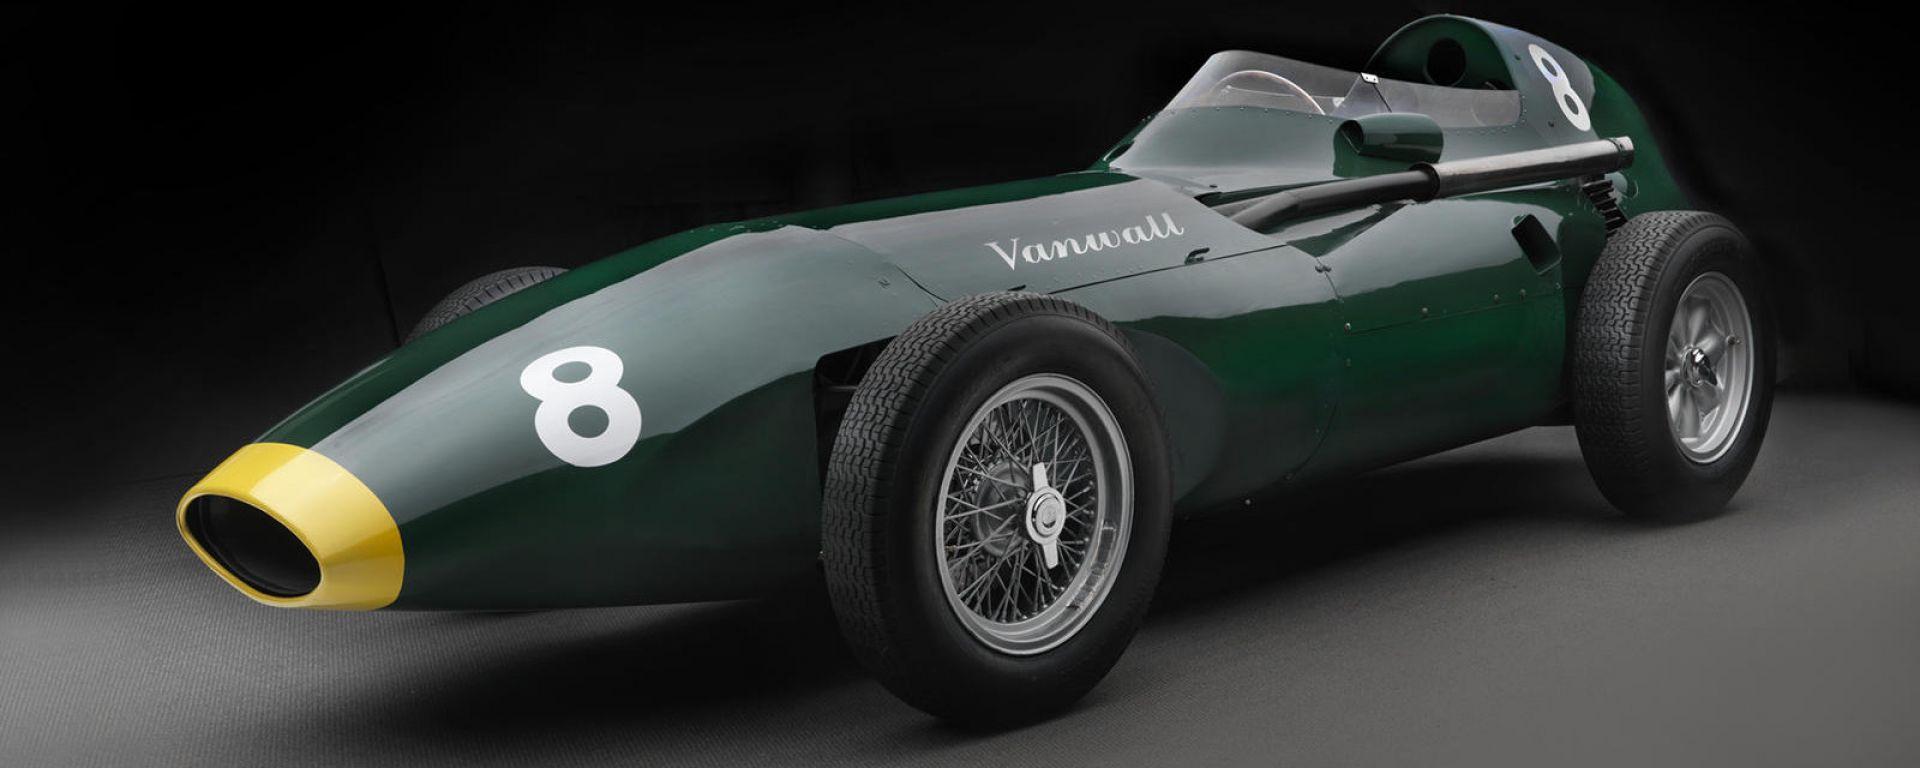 Vanwall F1: la replica dell'auto che vinse il mondiale nel 1958